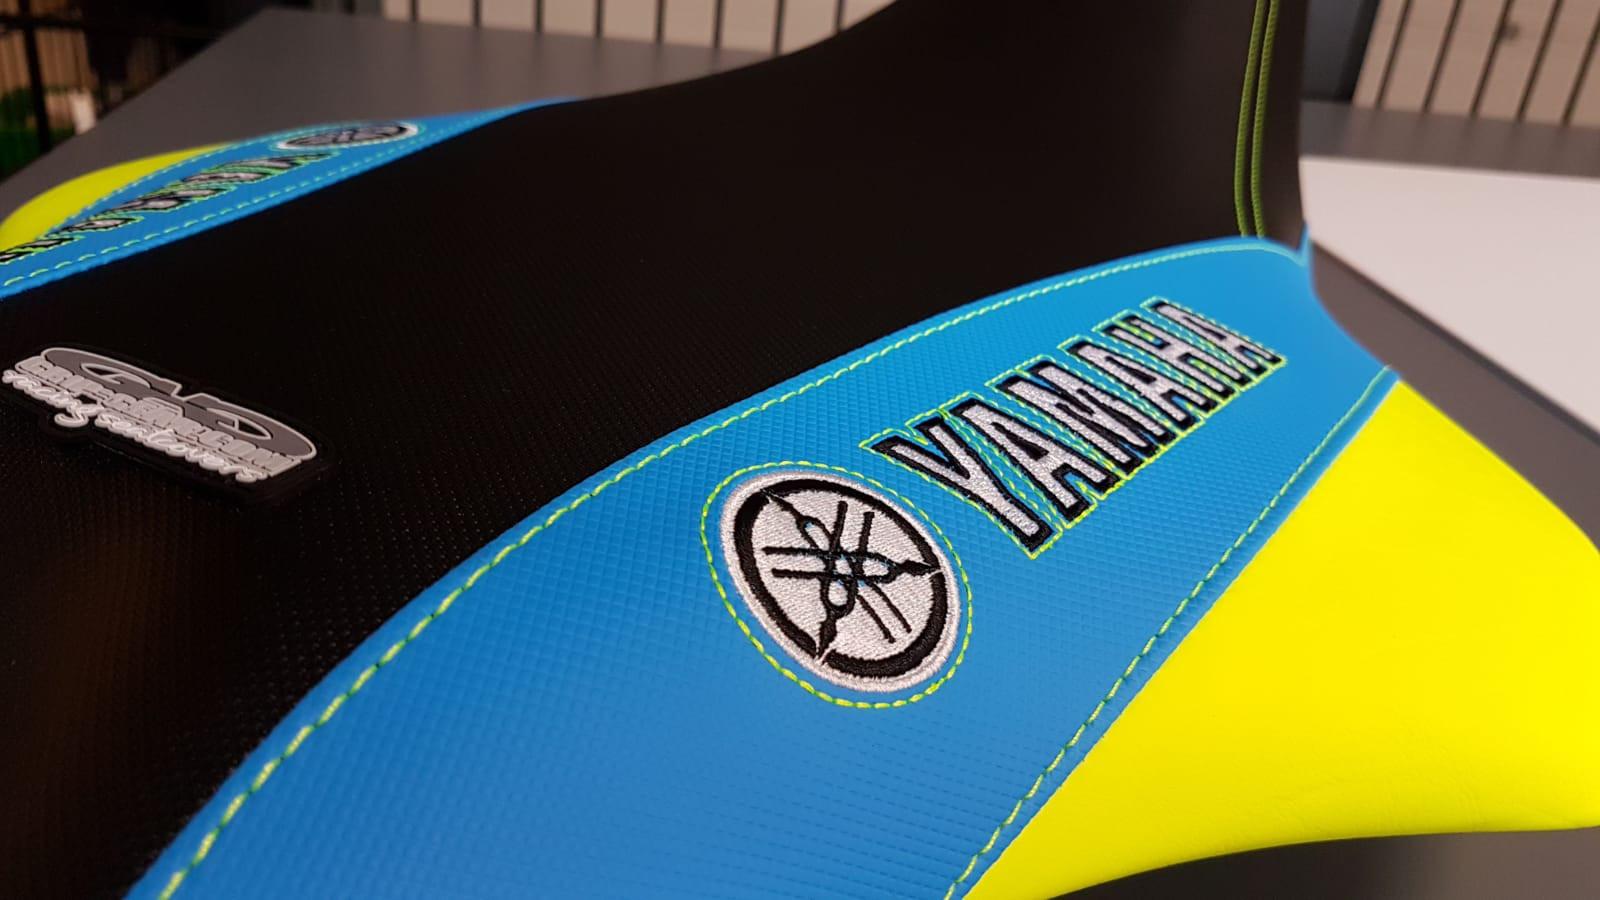 Yamahaseat.jpg